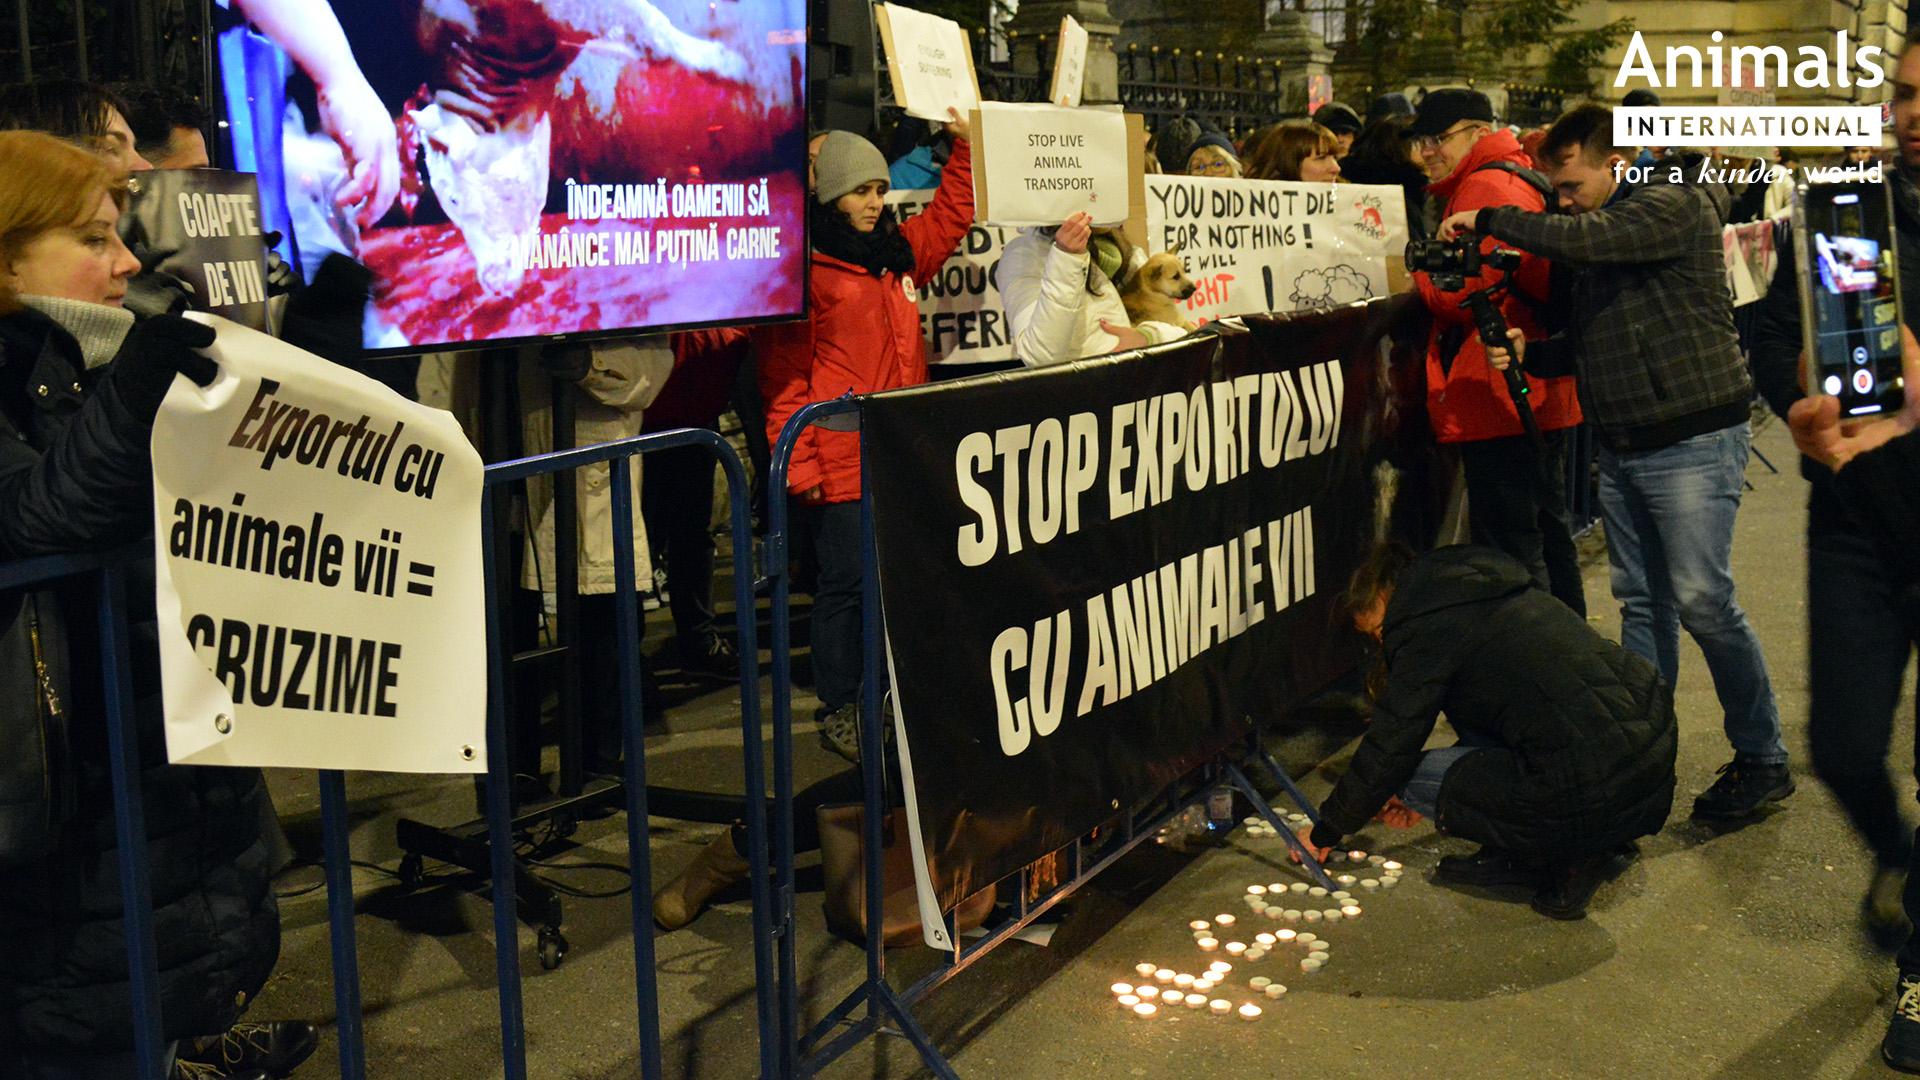 Rezultatele protestului de la Ministerul Agriculturii, in opinia  ONG-urilor care cer stoparea exporturilor de animale vii